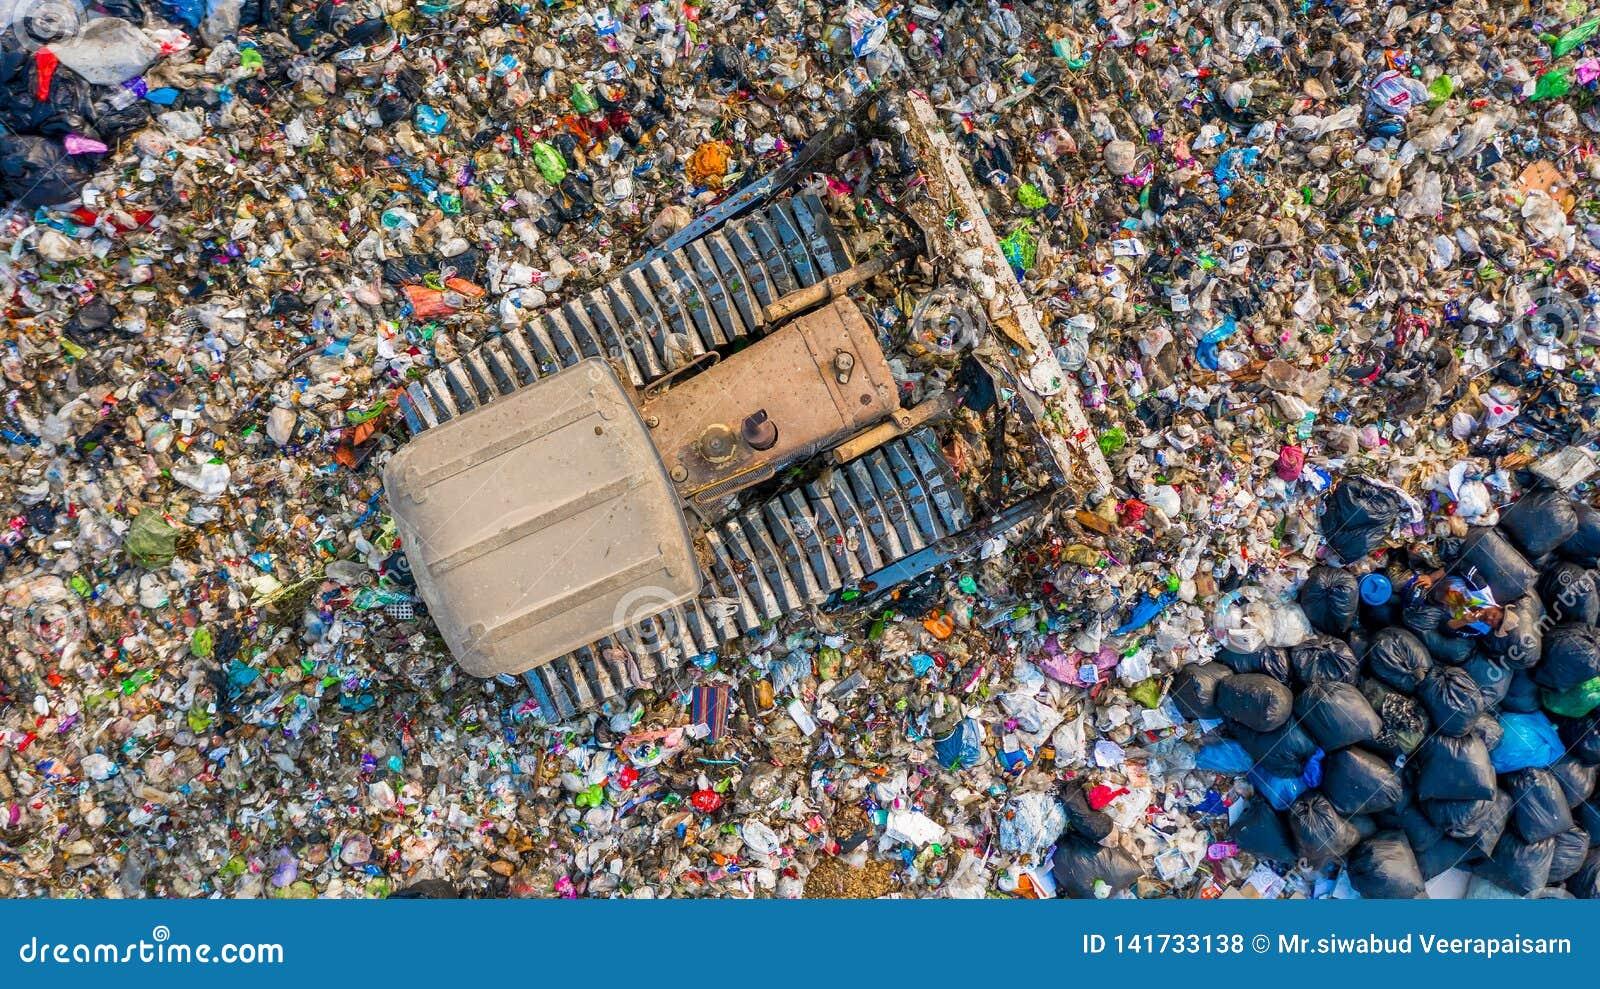 Garbage pile in trash dump or landfill, Aerial view garbage trucks unload garbage to a landfill, global warming